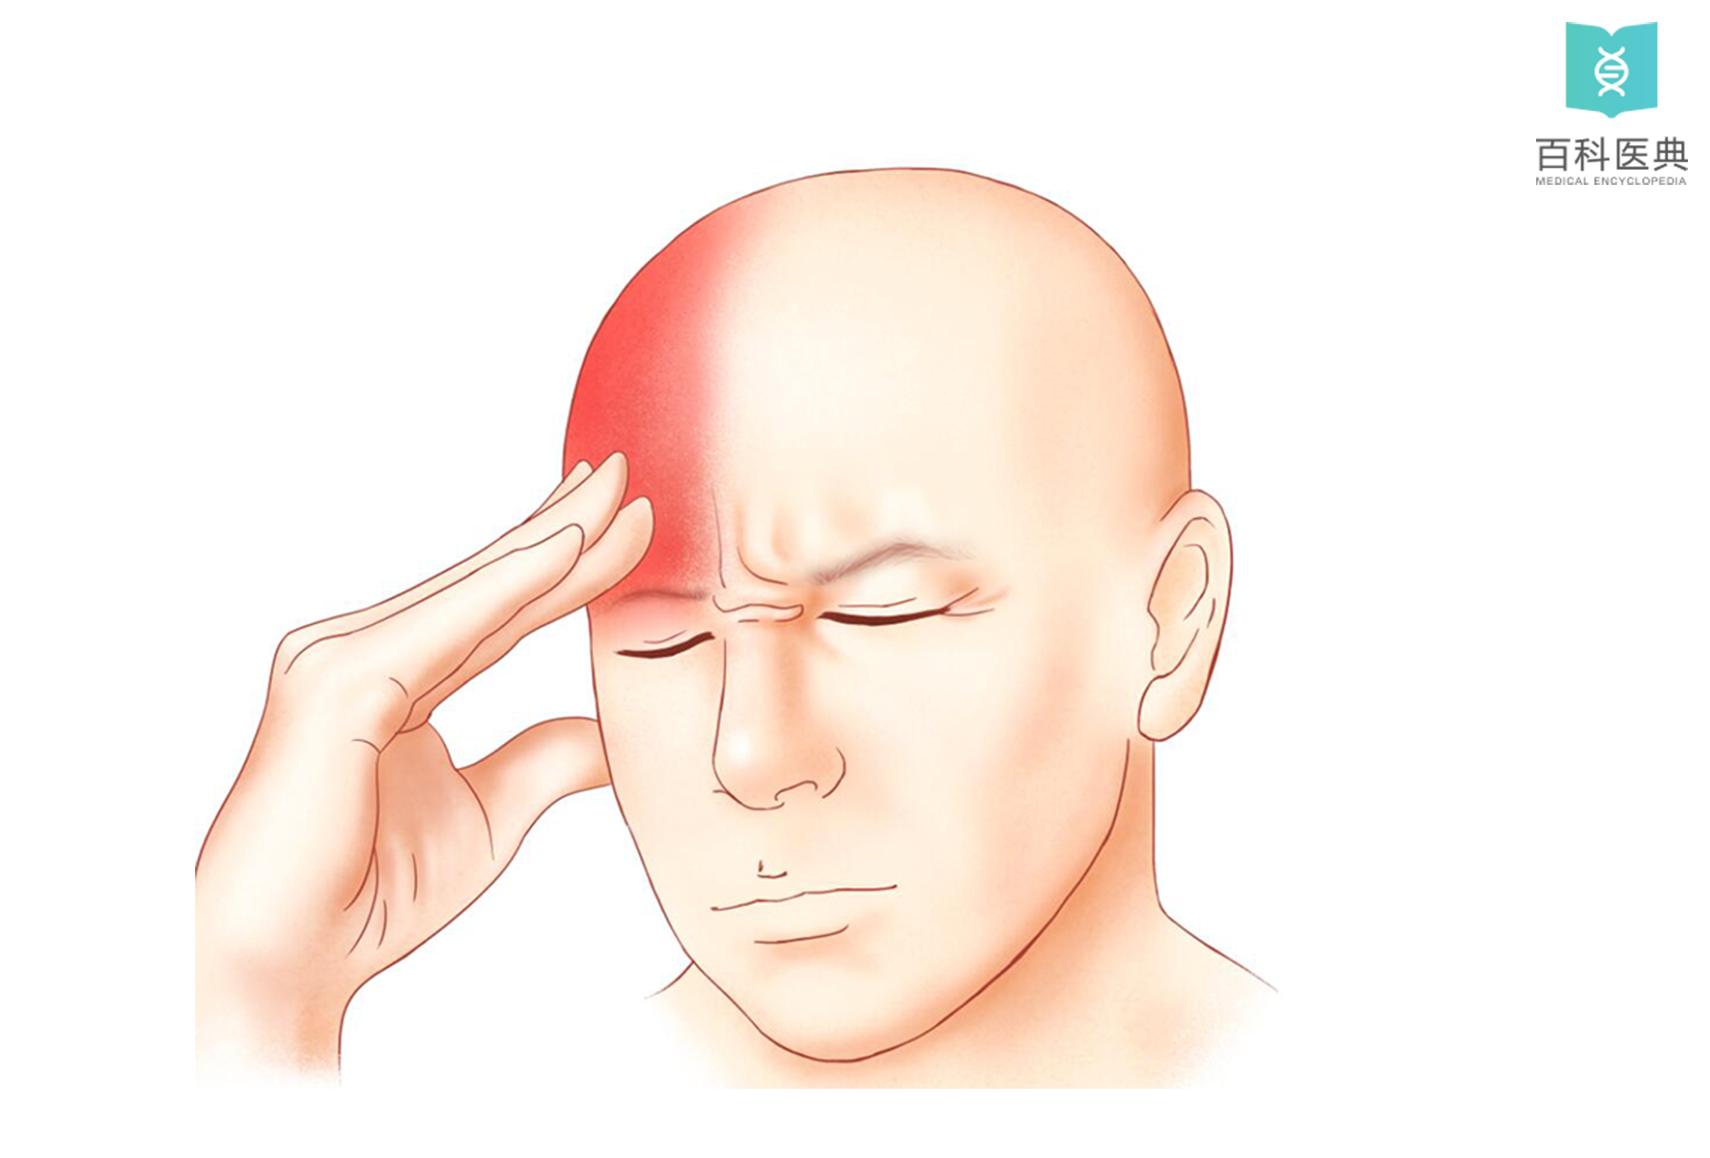 偏头痛的症状及治疗_偏头痛- 百度健康医典